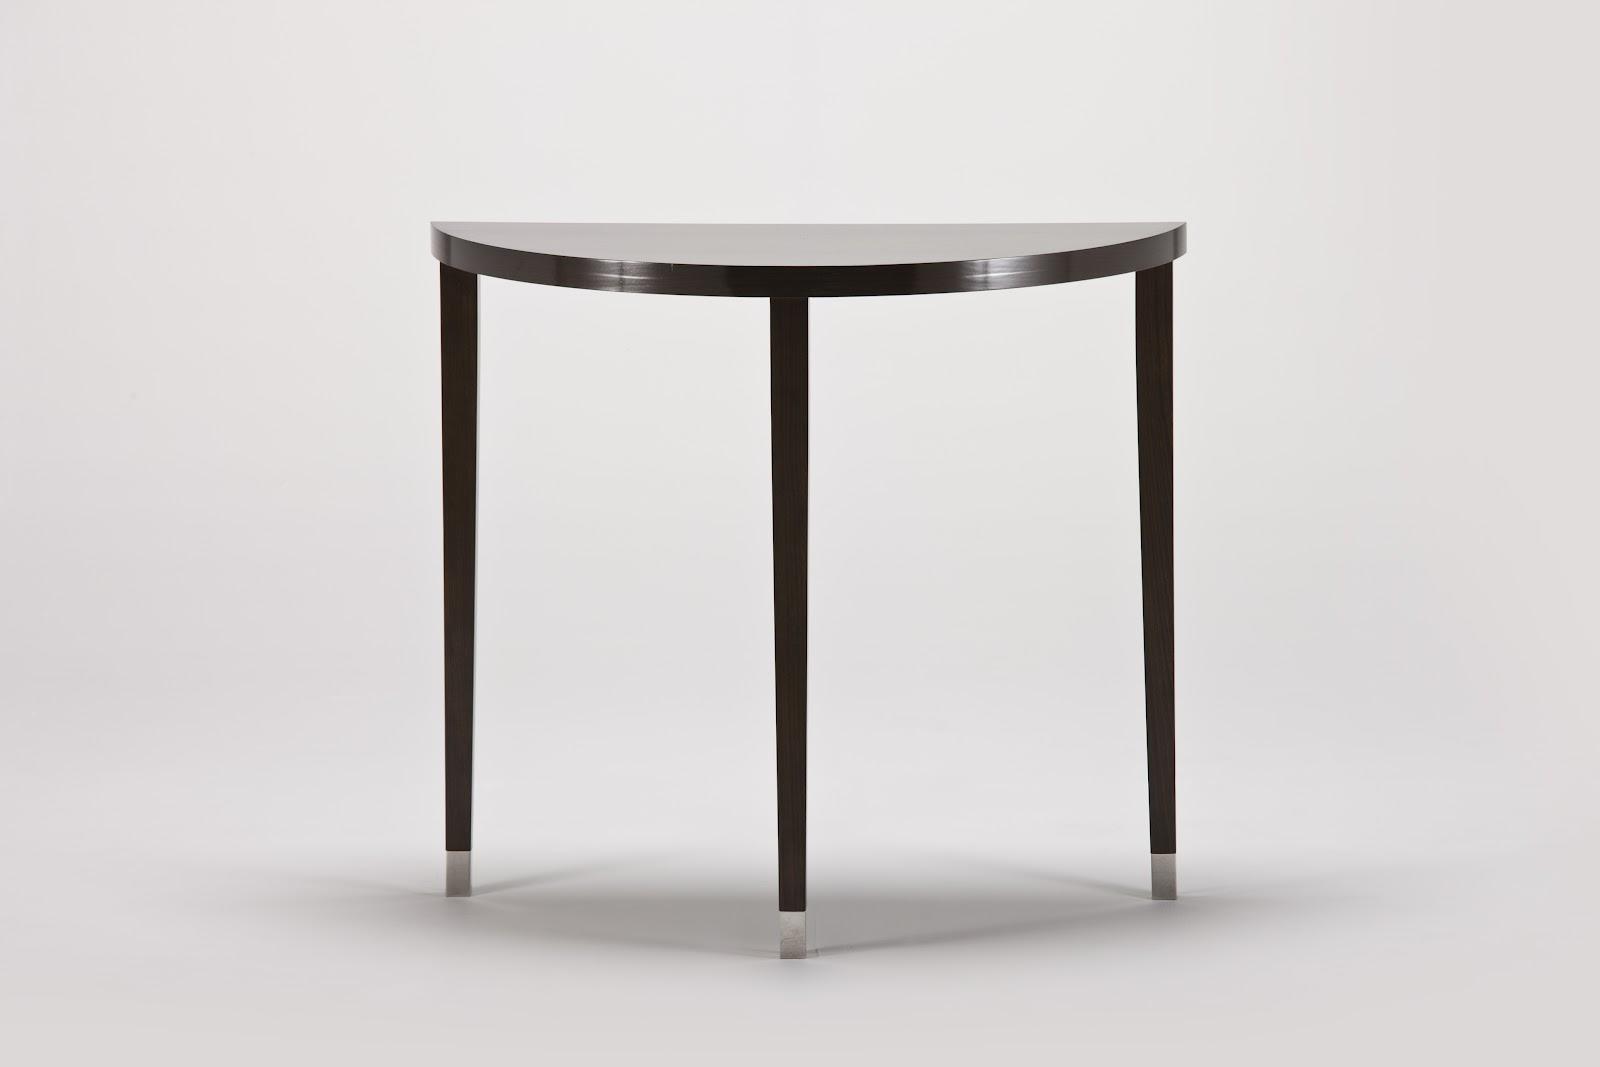 half moon table,small living room table,makeup table,bedroom table,corner table,door side table